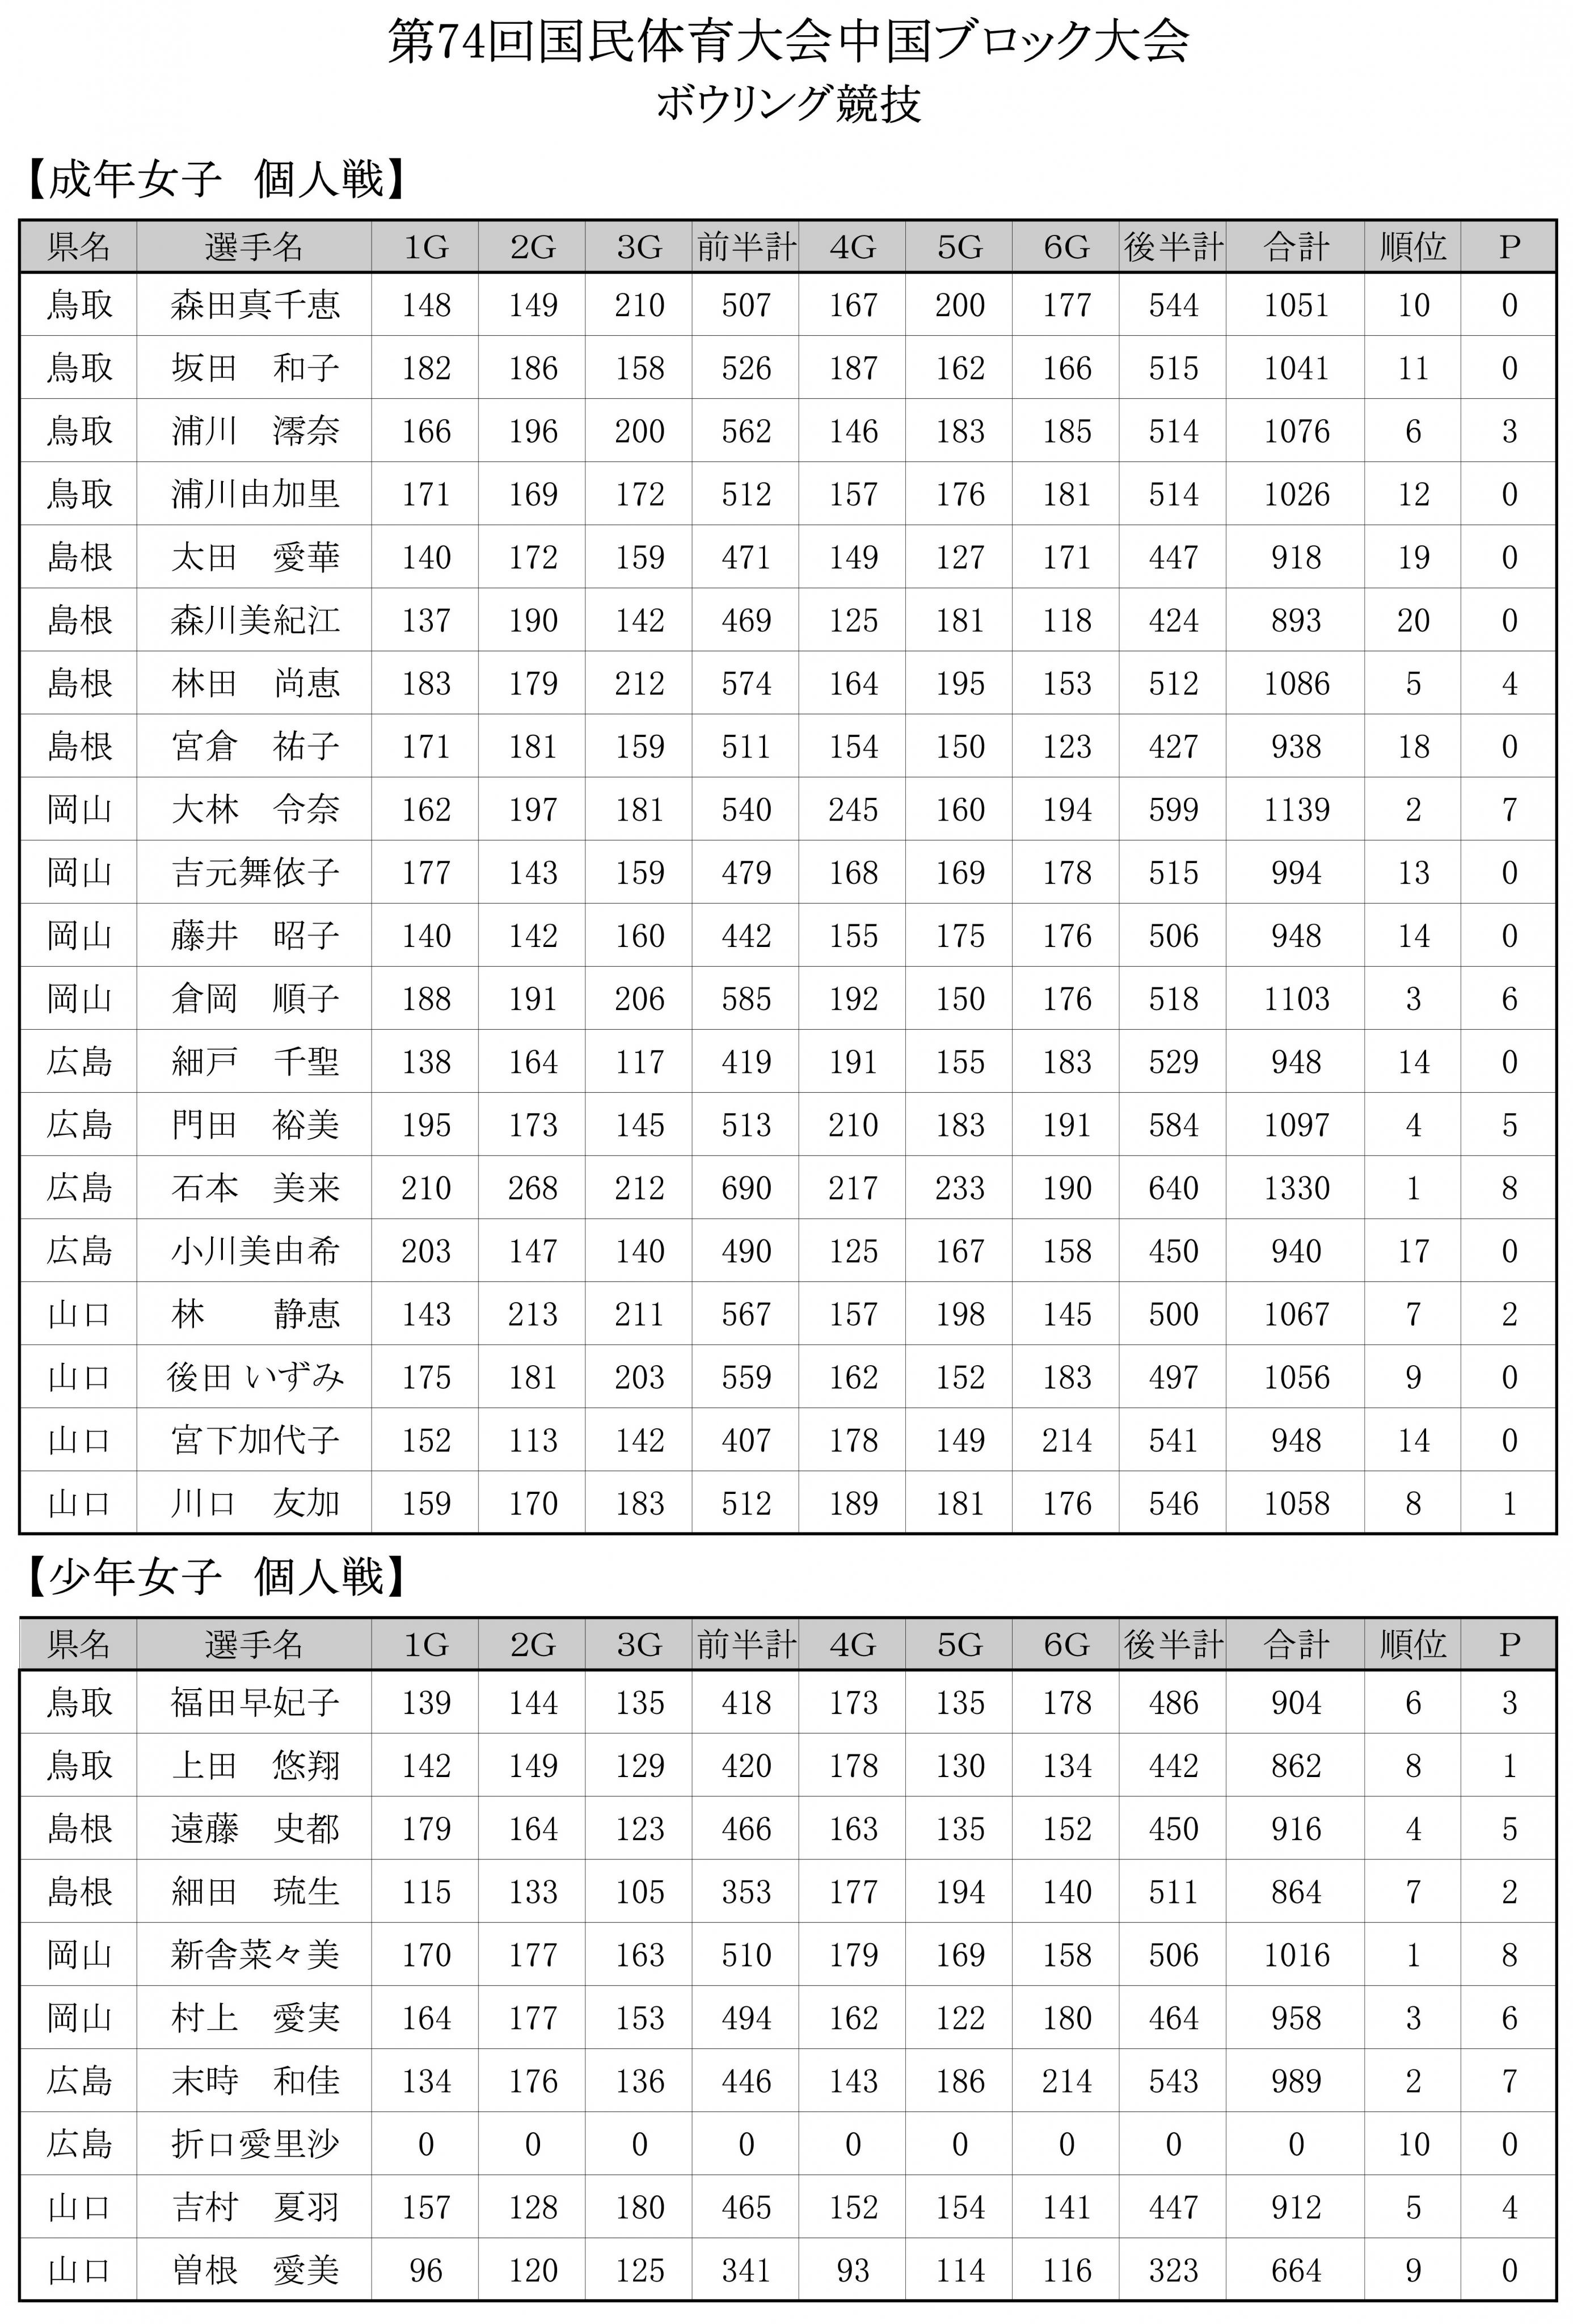 ボウリング最終成績  3.jpg